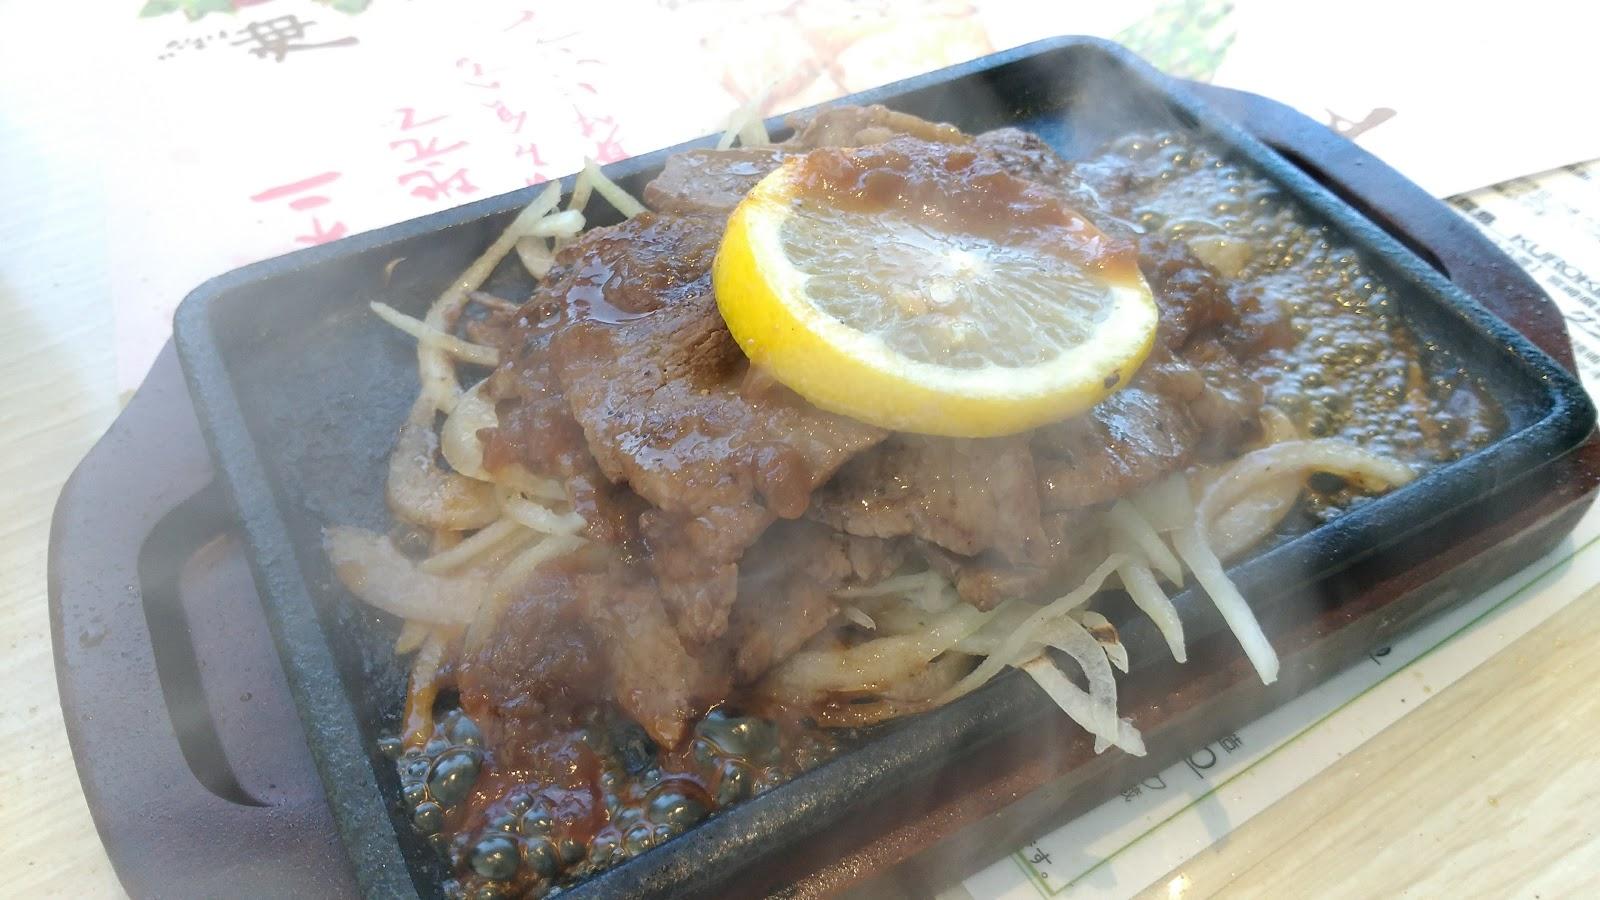 野の葡萄 アミュプラザ長崎店【長崎を喰いつくせ!】長崎グルメが堪能できます!レモンステーキ